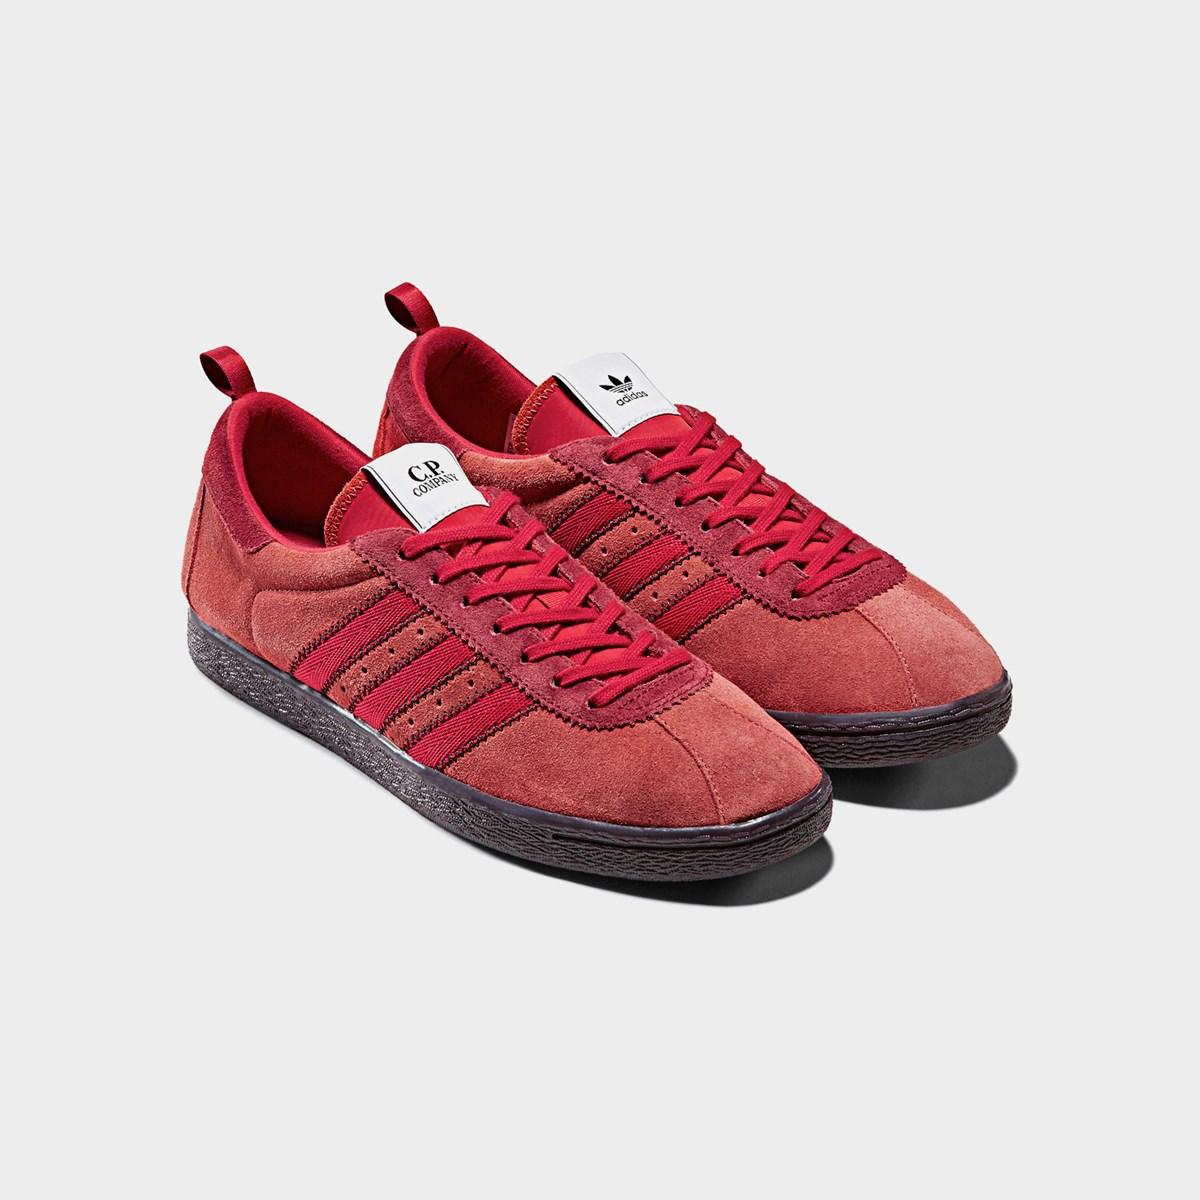 f5cff1d207d adidas Company Tobacco 185 x Company Bd7959 Tobacco Sneakersnstuff ...